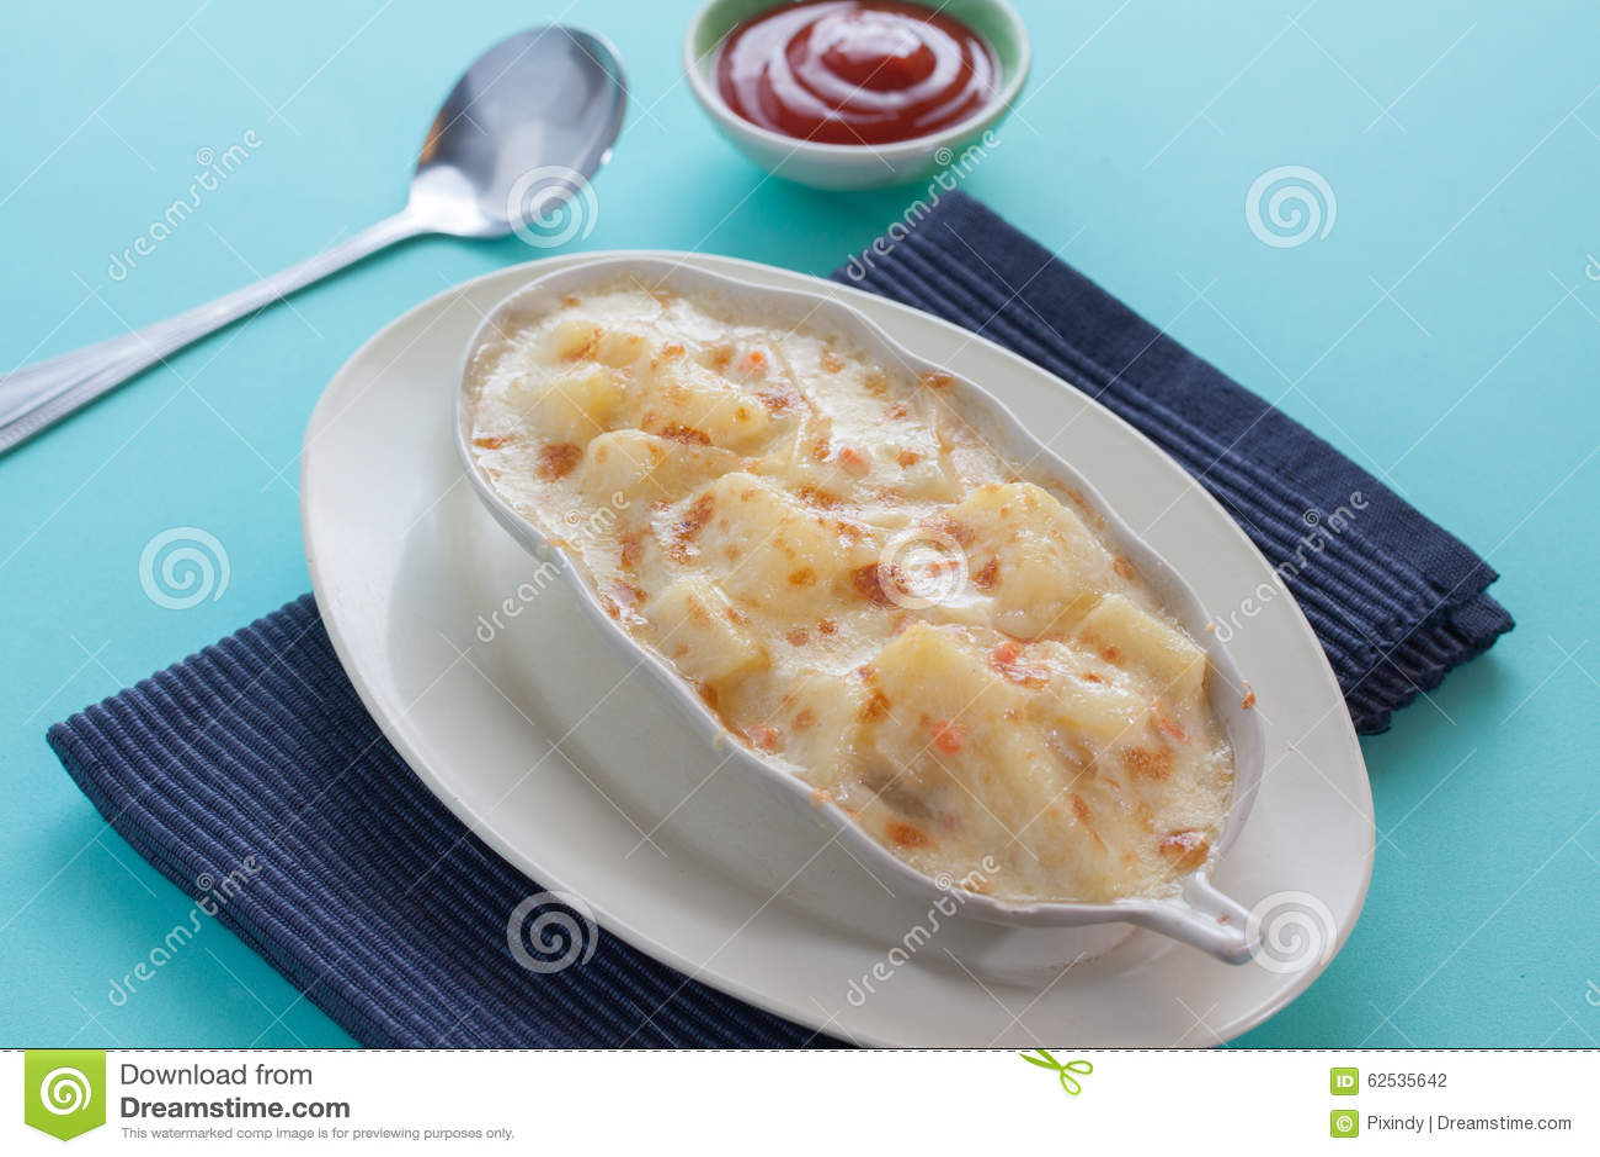 土豆澳大利亚焦干酪